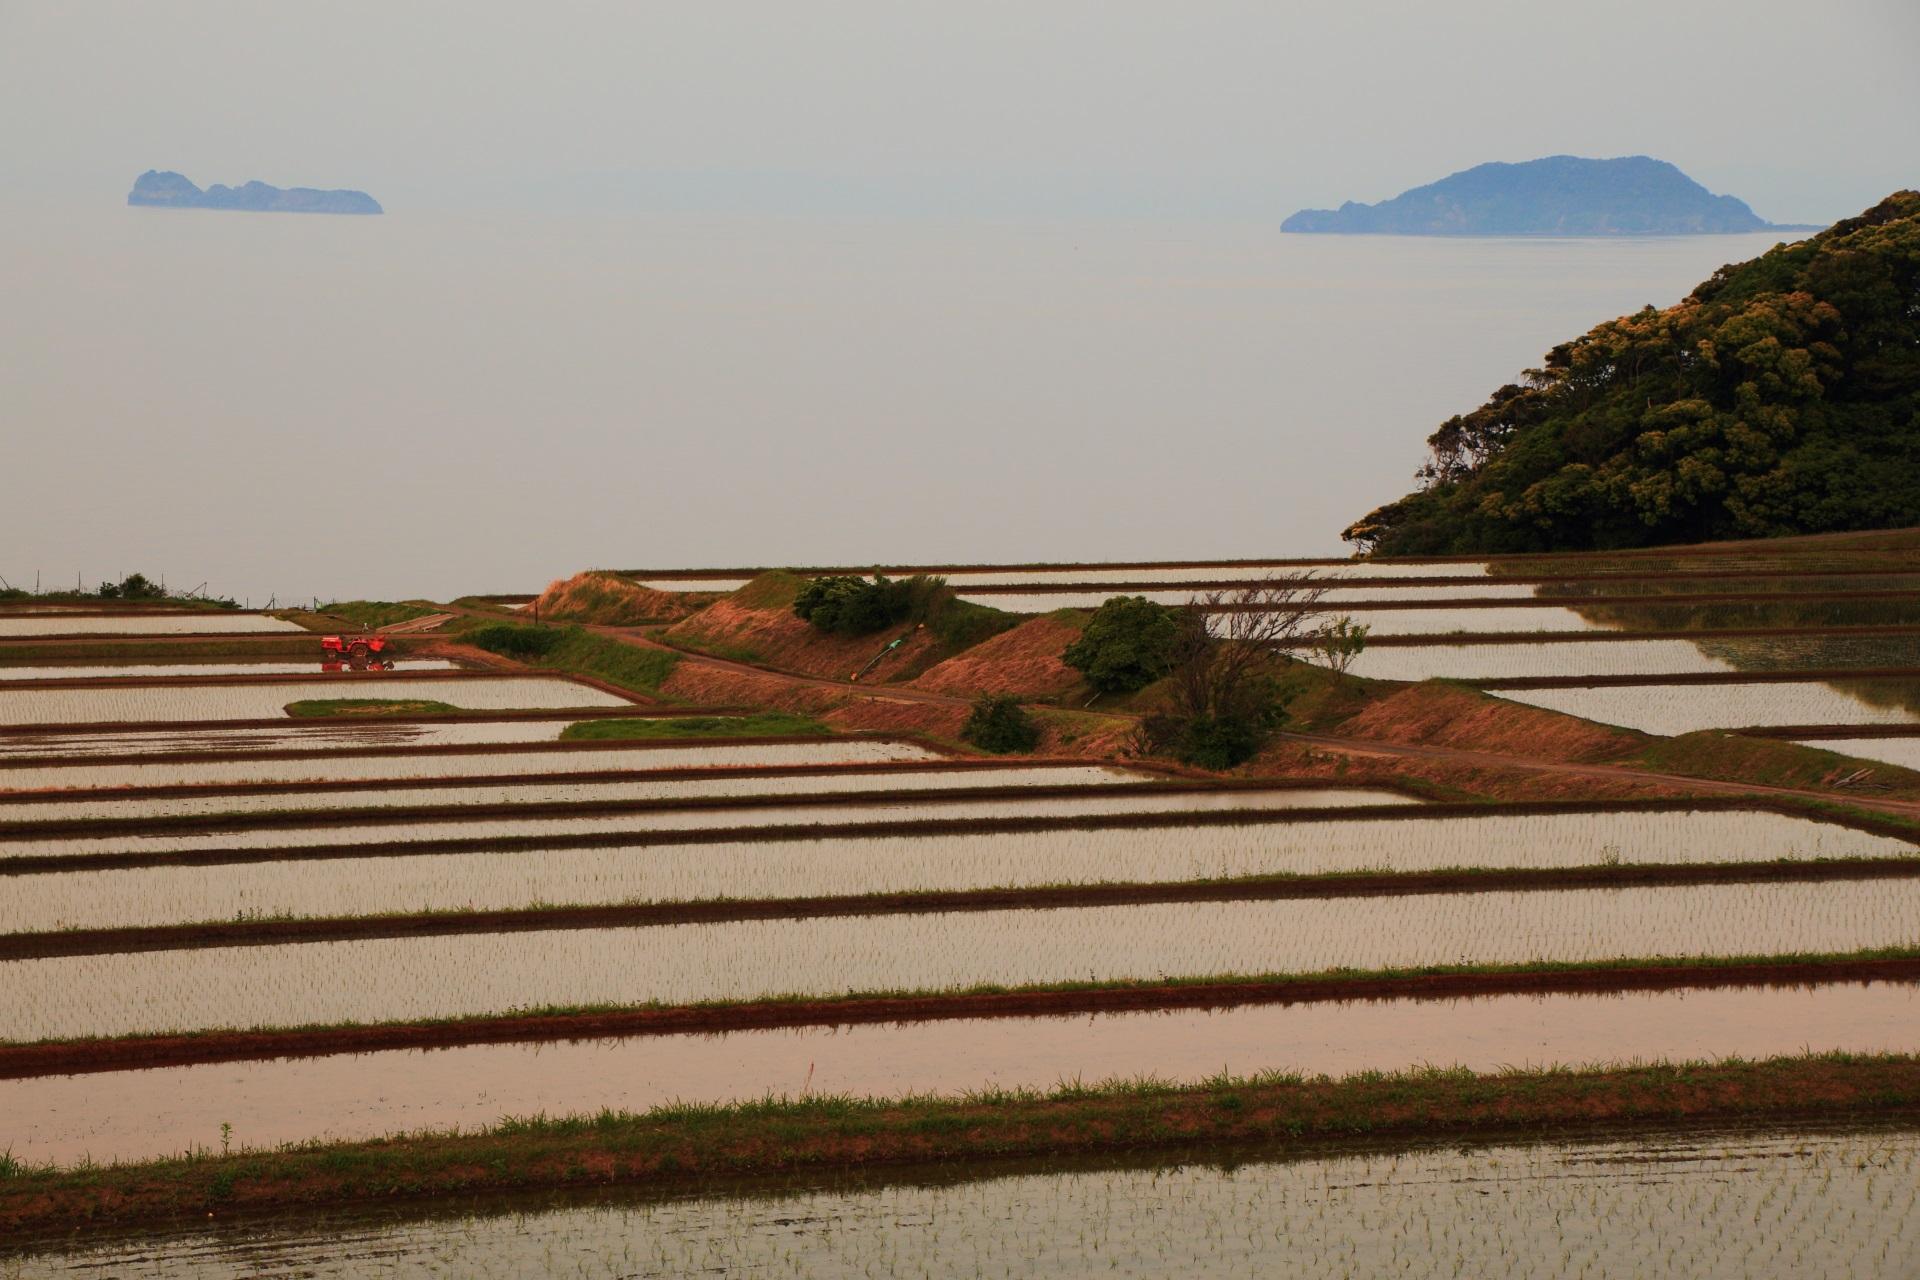 夕暮れの海にかすむ沓島(くつじま)と冠島(かんむりじま)